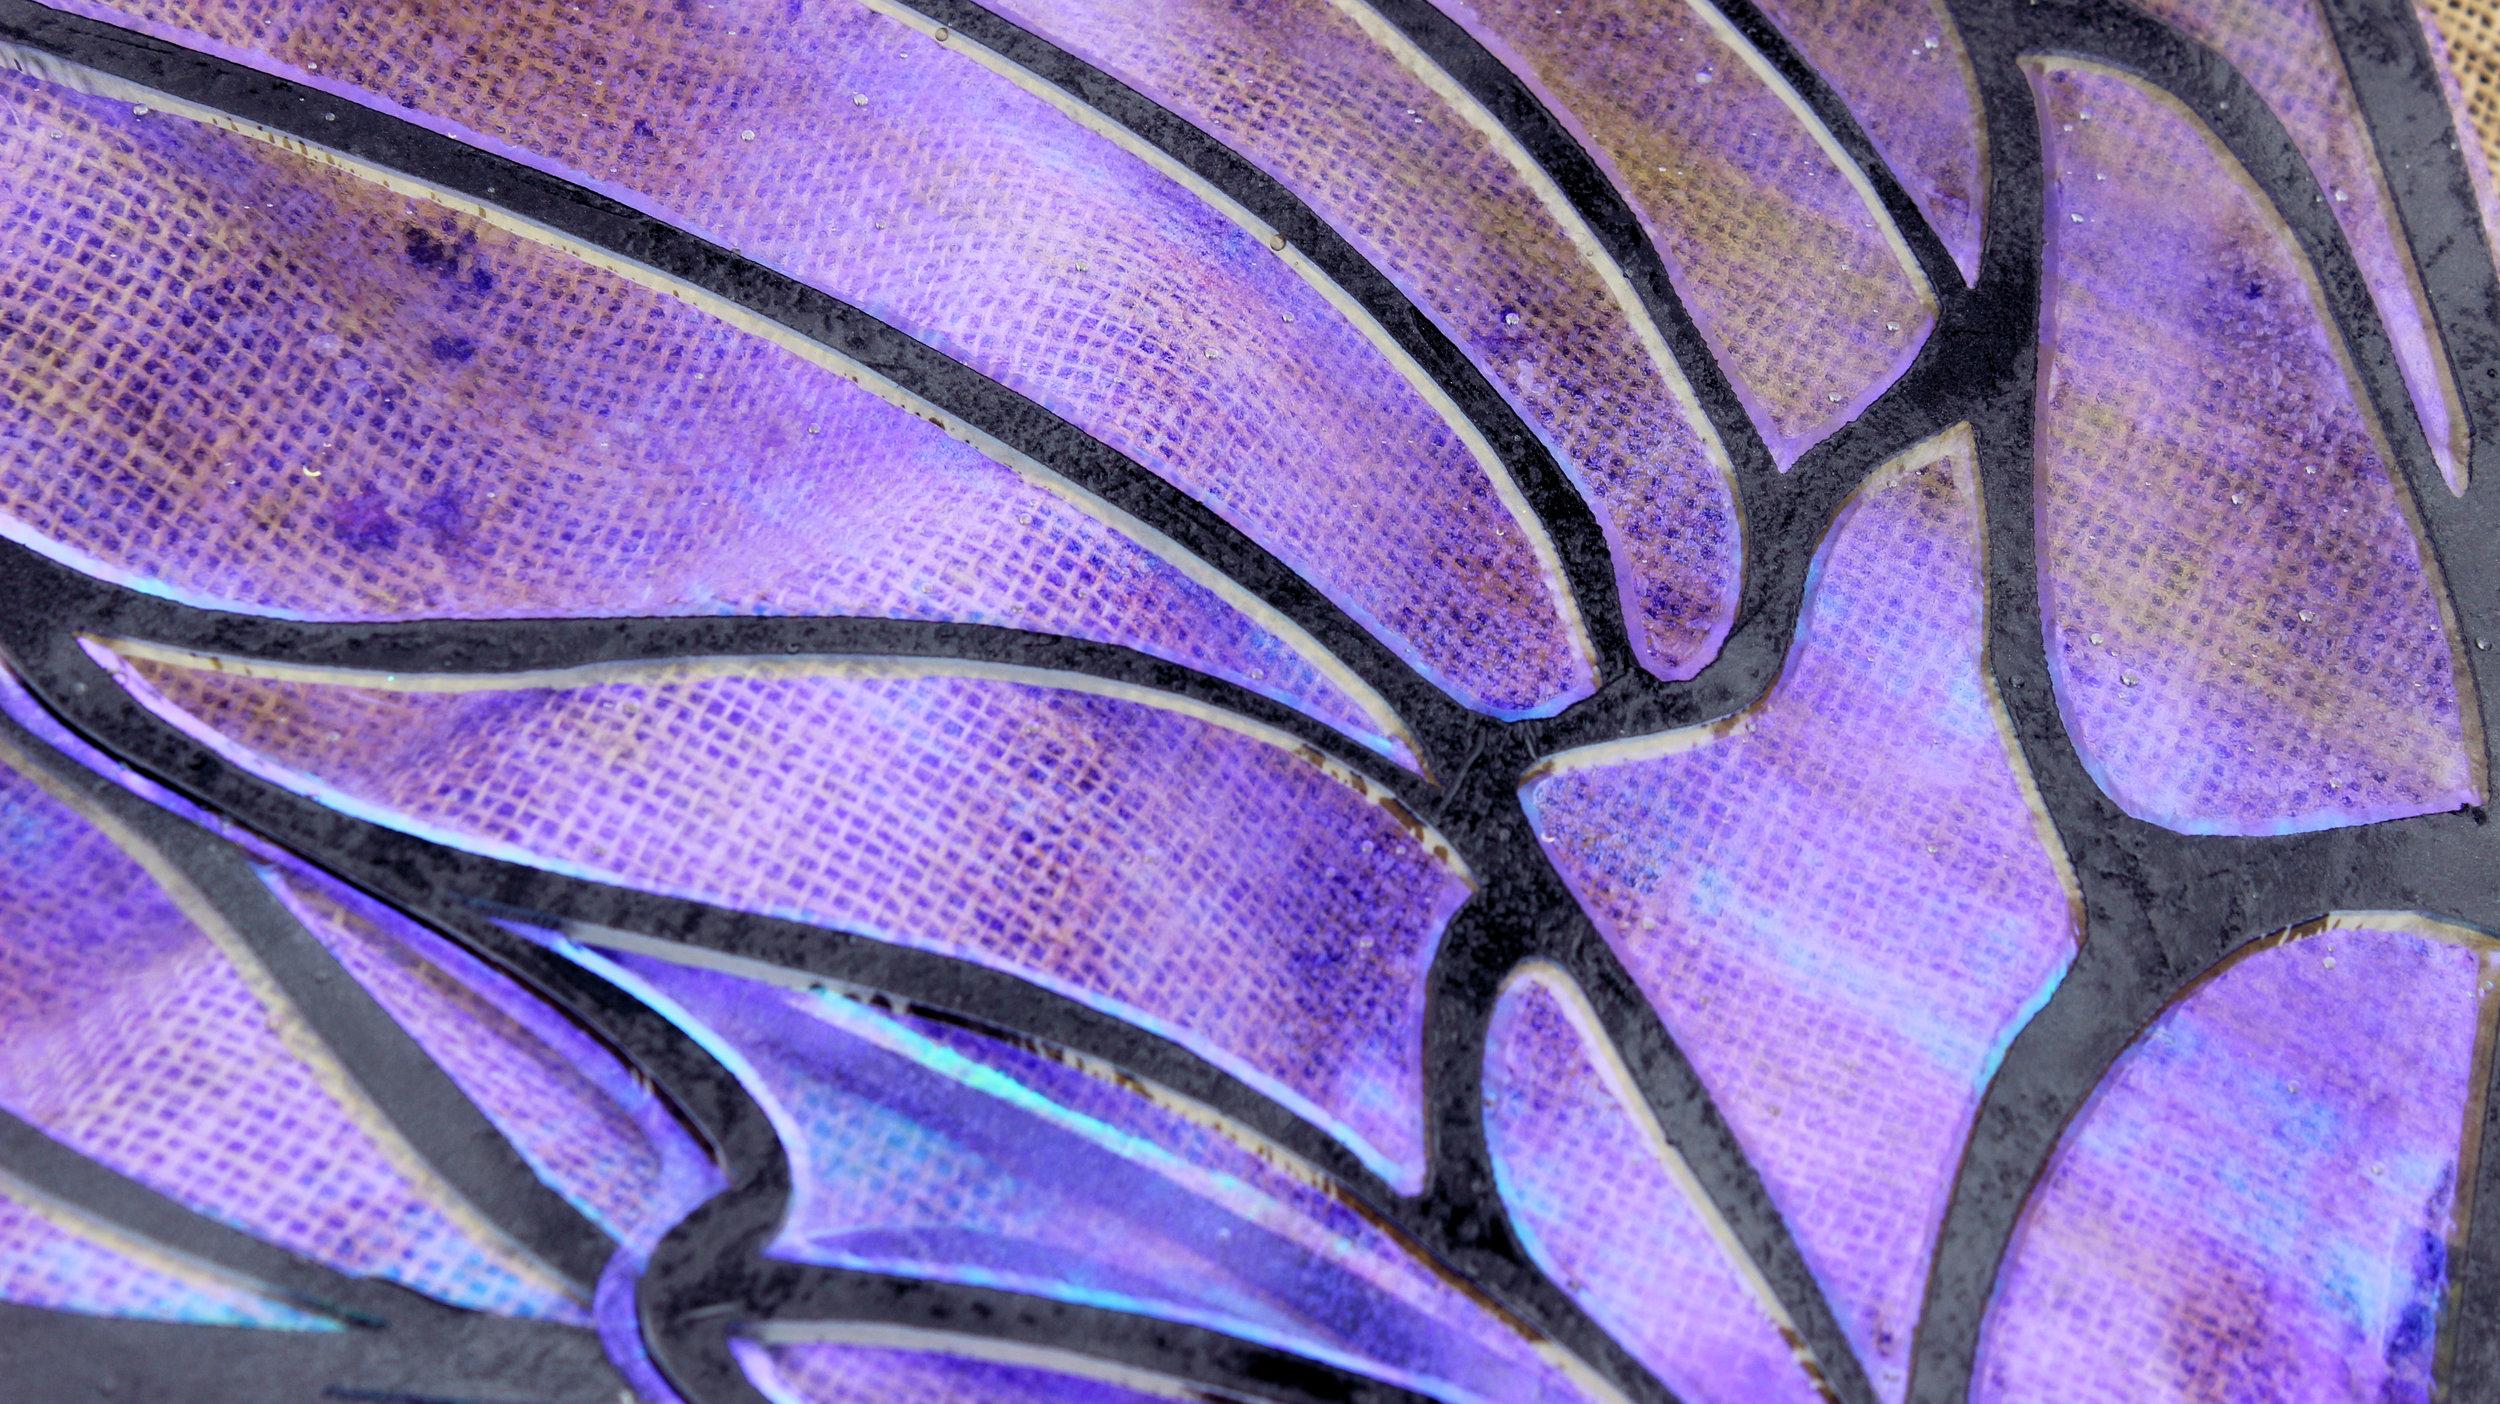 fairy-wings-closeup.jpg